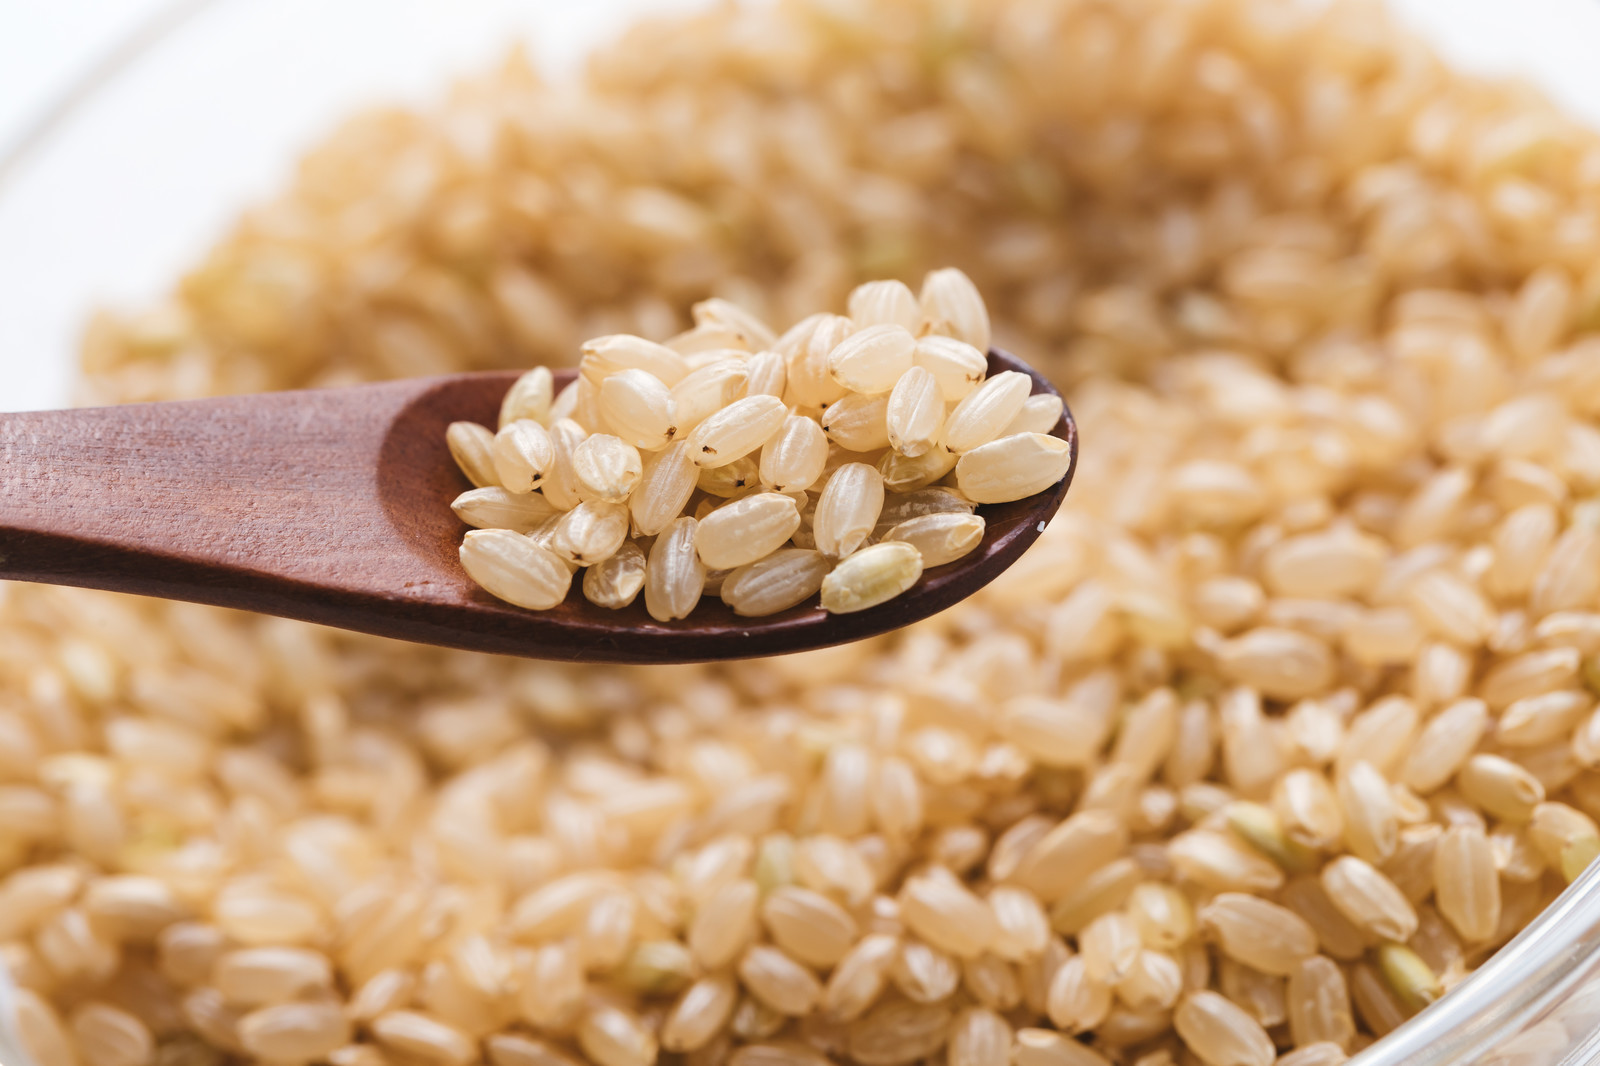 全穀飲食多吃糙米真食物